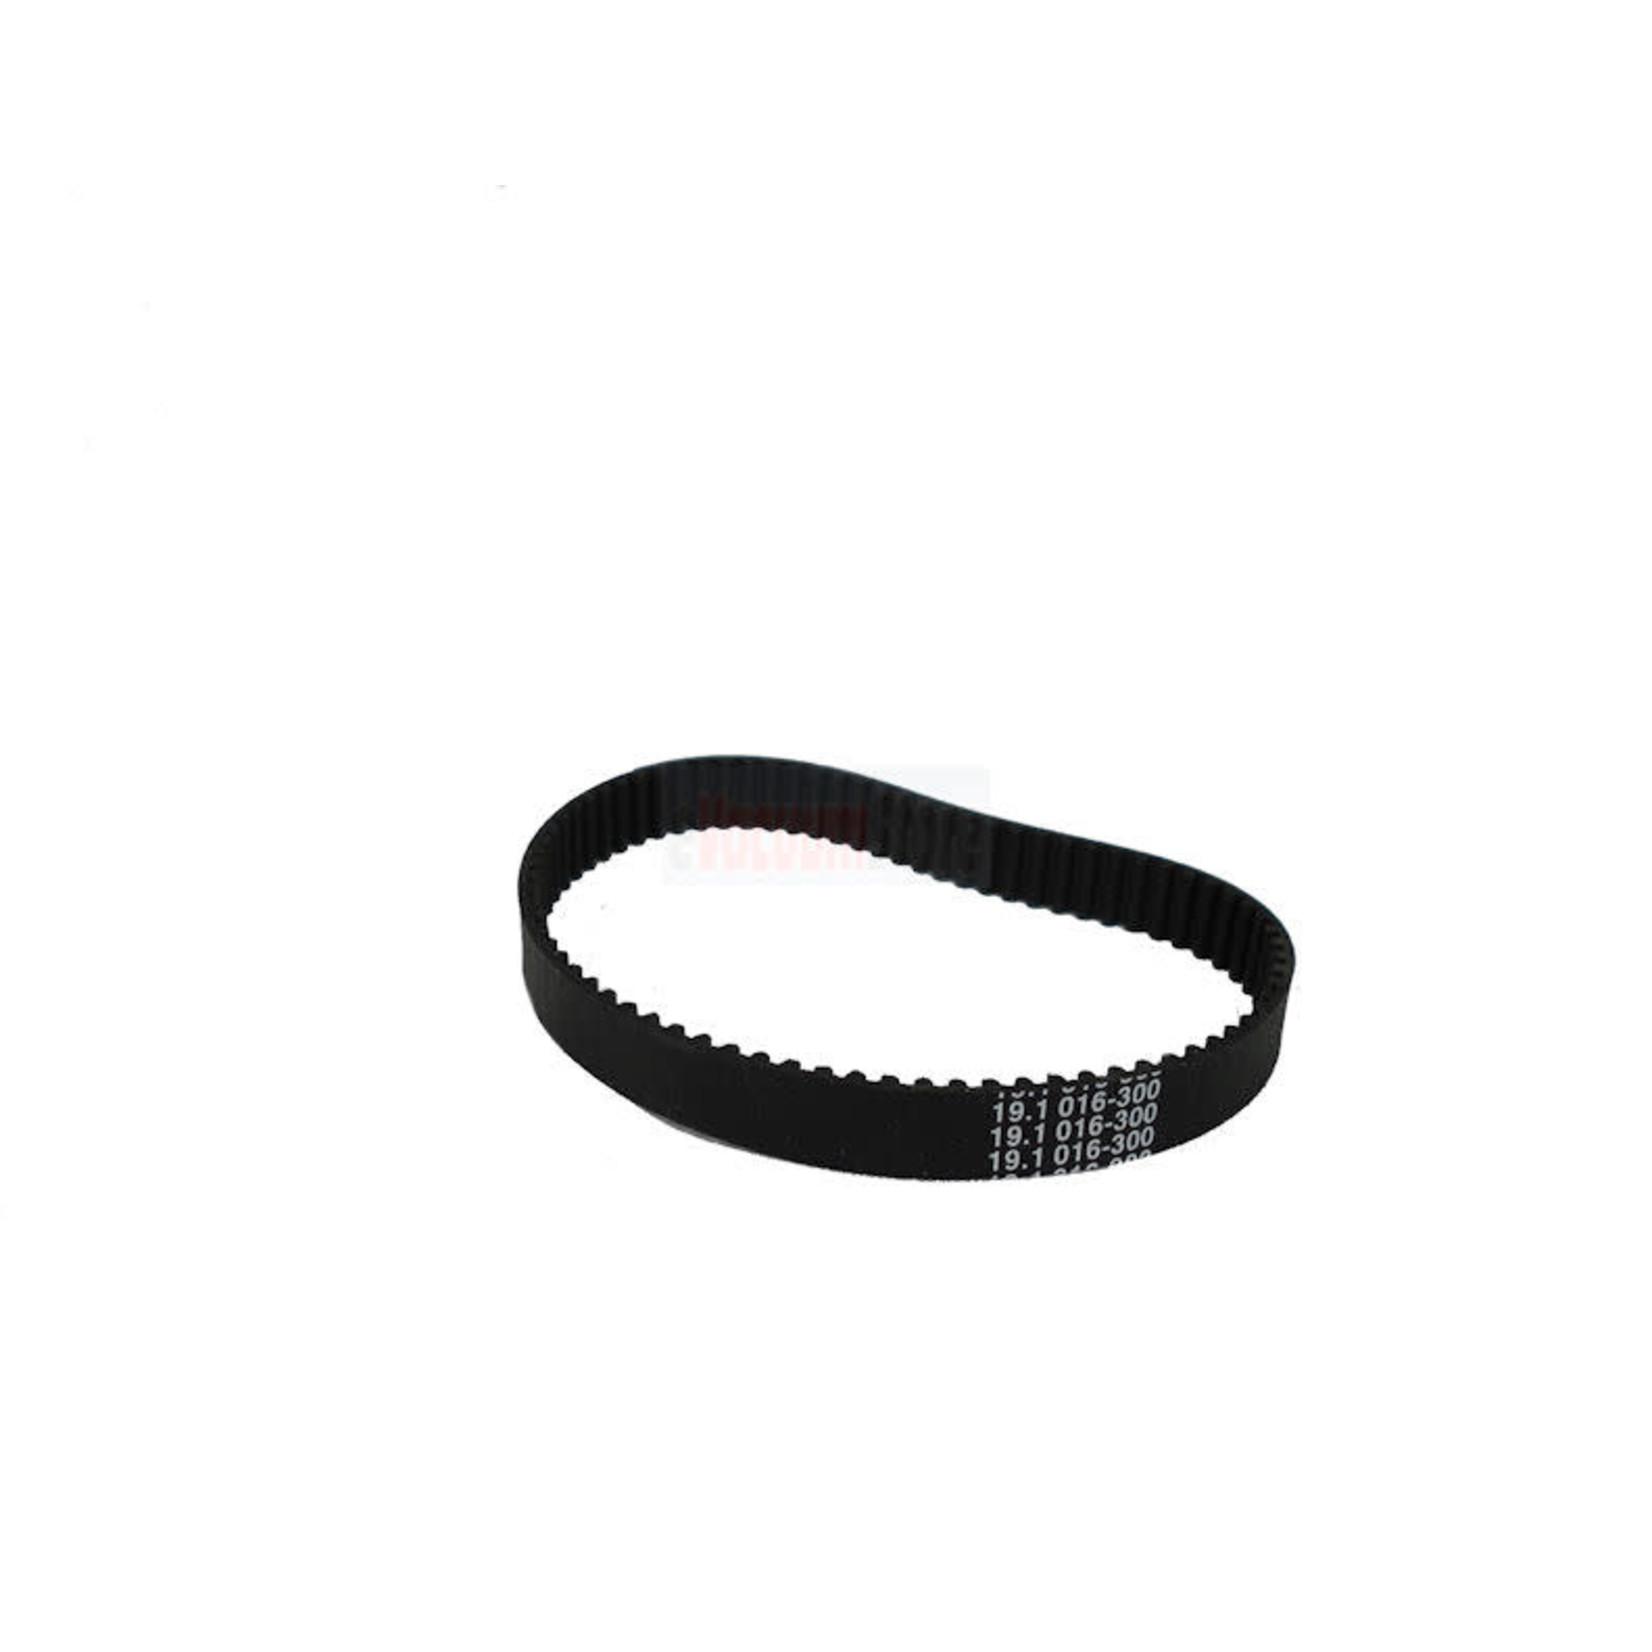 BEAM BEAM Serenity Power Nozzle Belt